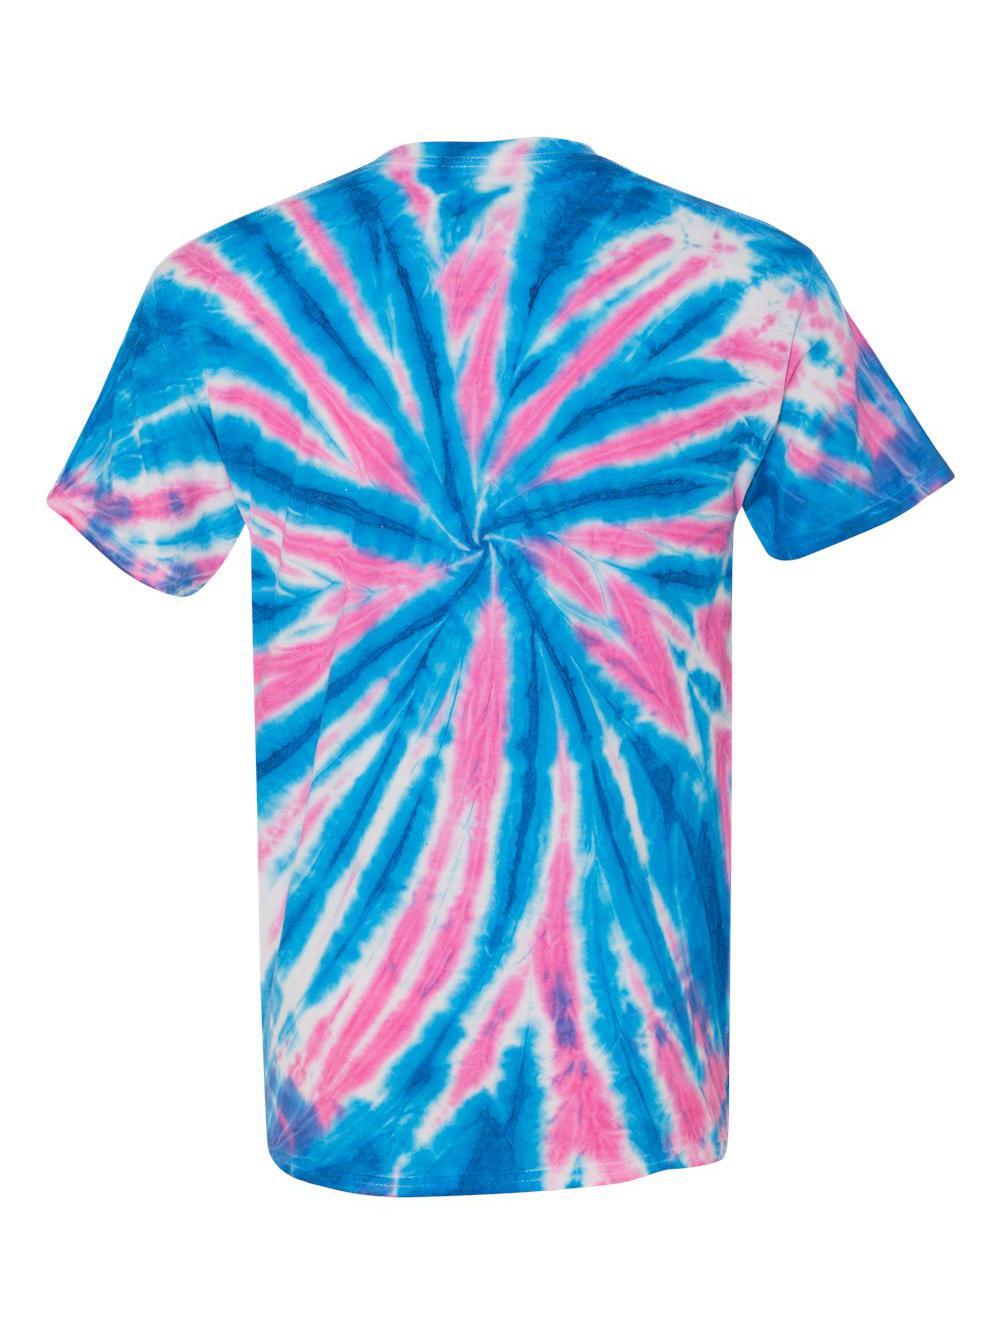 Dyenomite-Glow-in-the-Dark-T-Shirt-200GW thumbnail 10